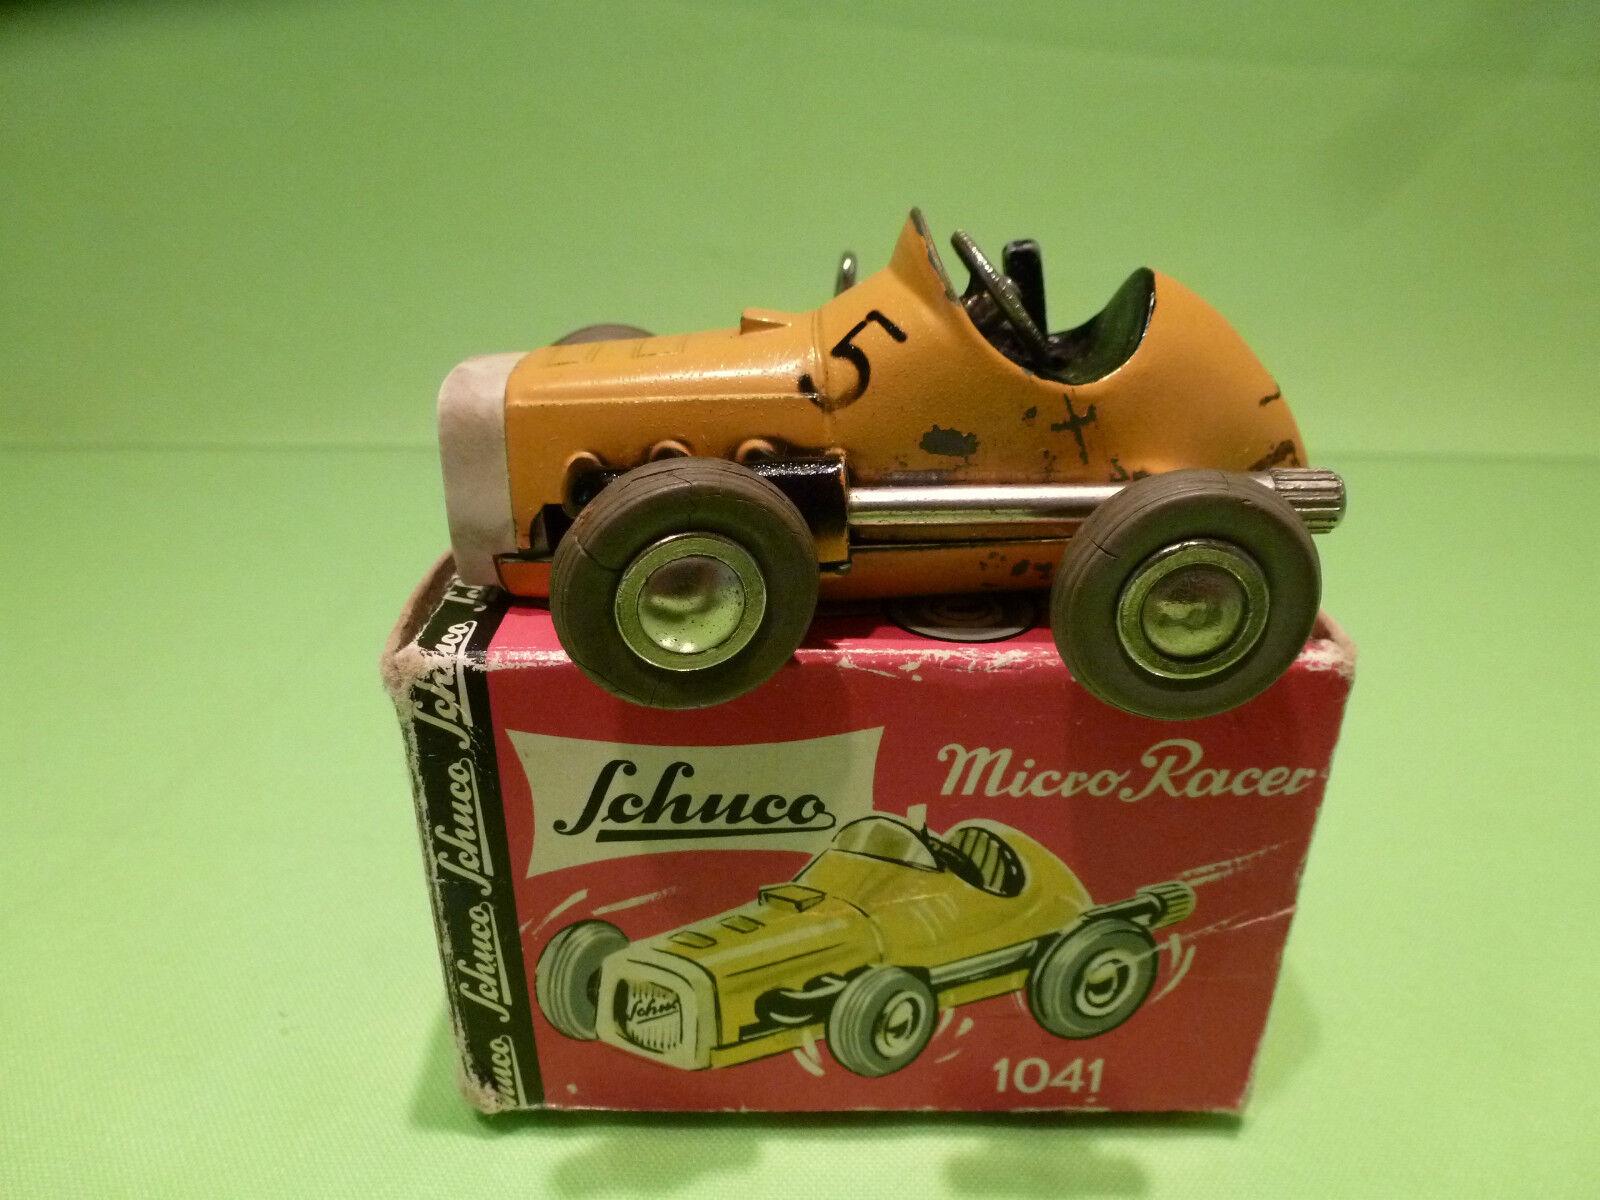 SCHUCO 1041 MICRO RACER - amarillo No 5 - GOOD CONDITION IN BOX